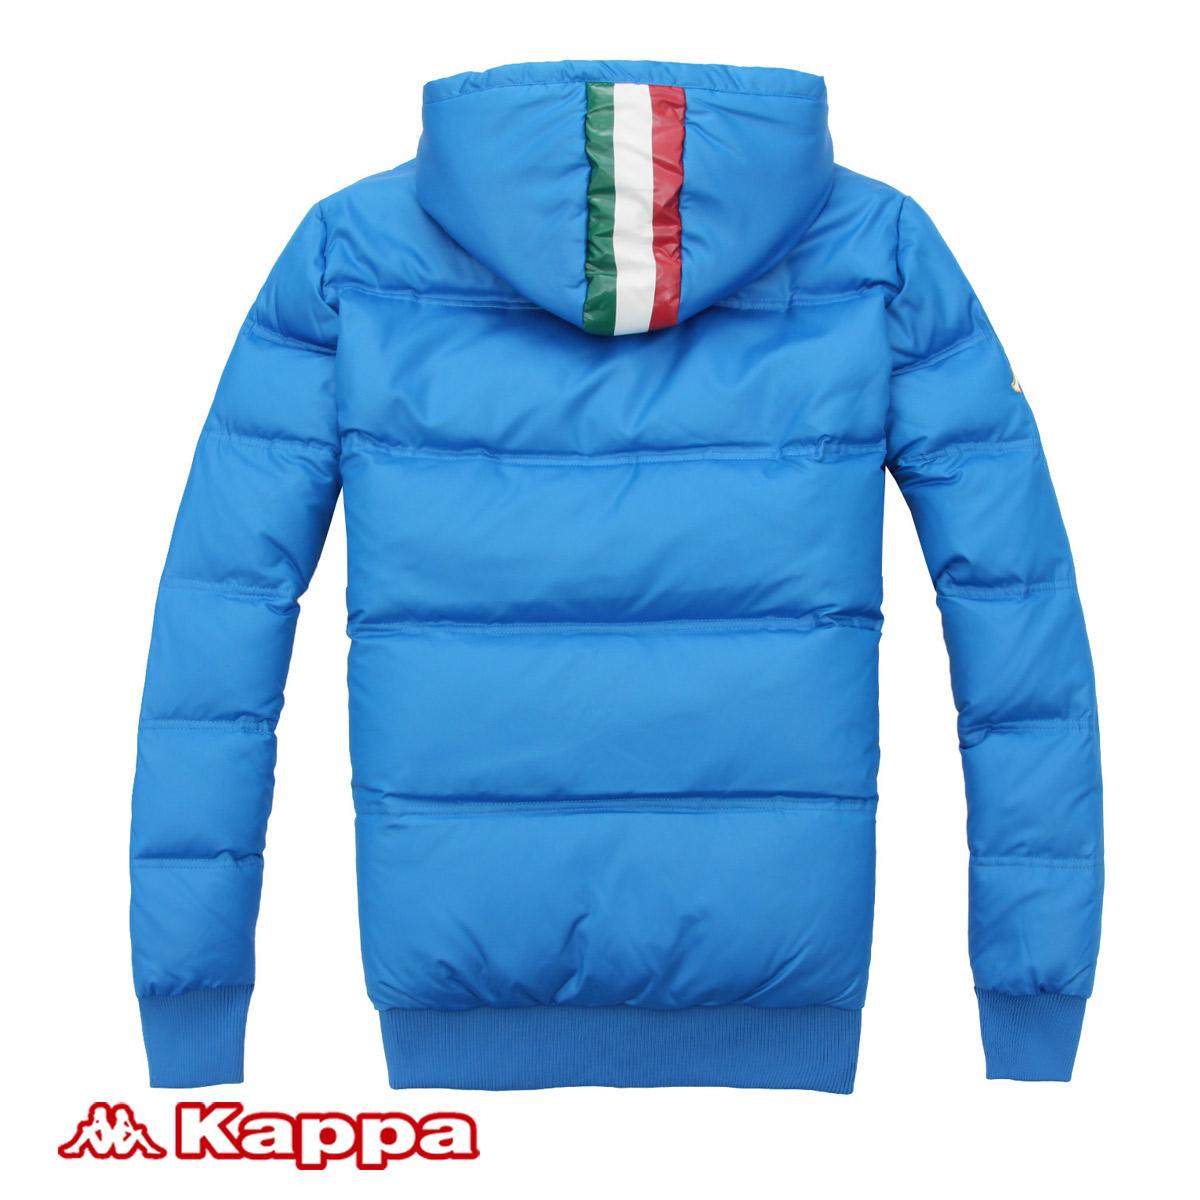 Спортивный пуховик Kappa k0172yy52 Для мужчин Для спорта и отдыха Логотип бренда, Надпись Молния